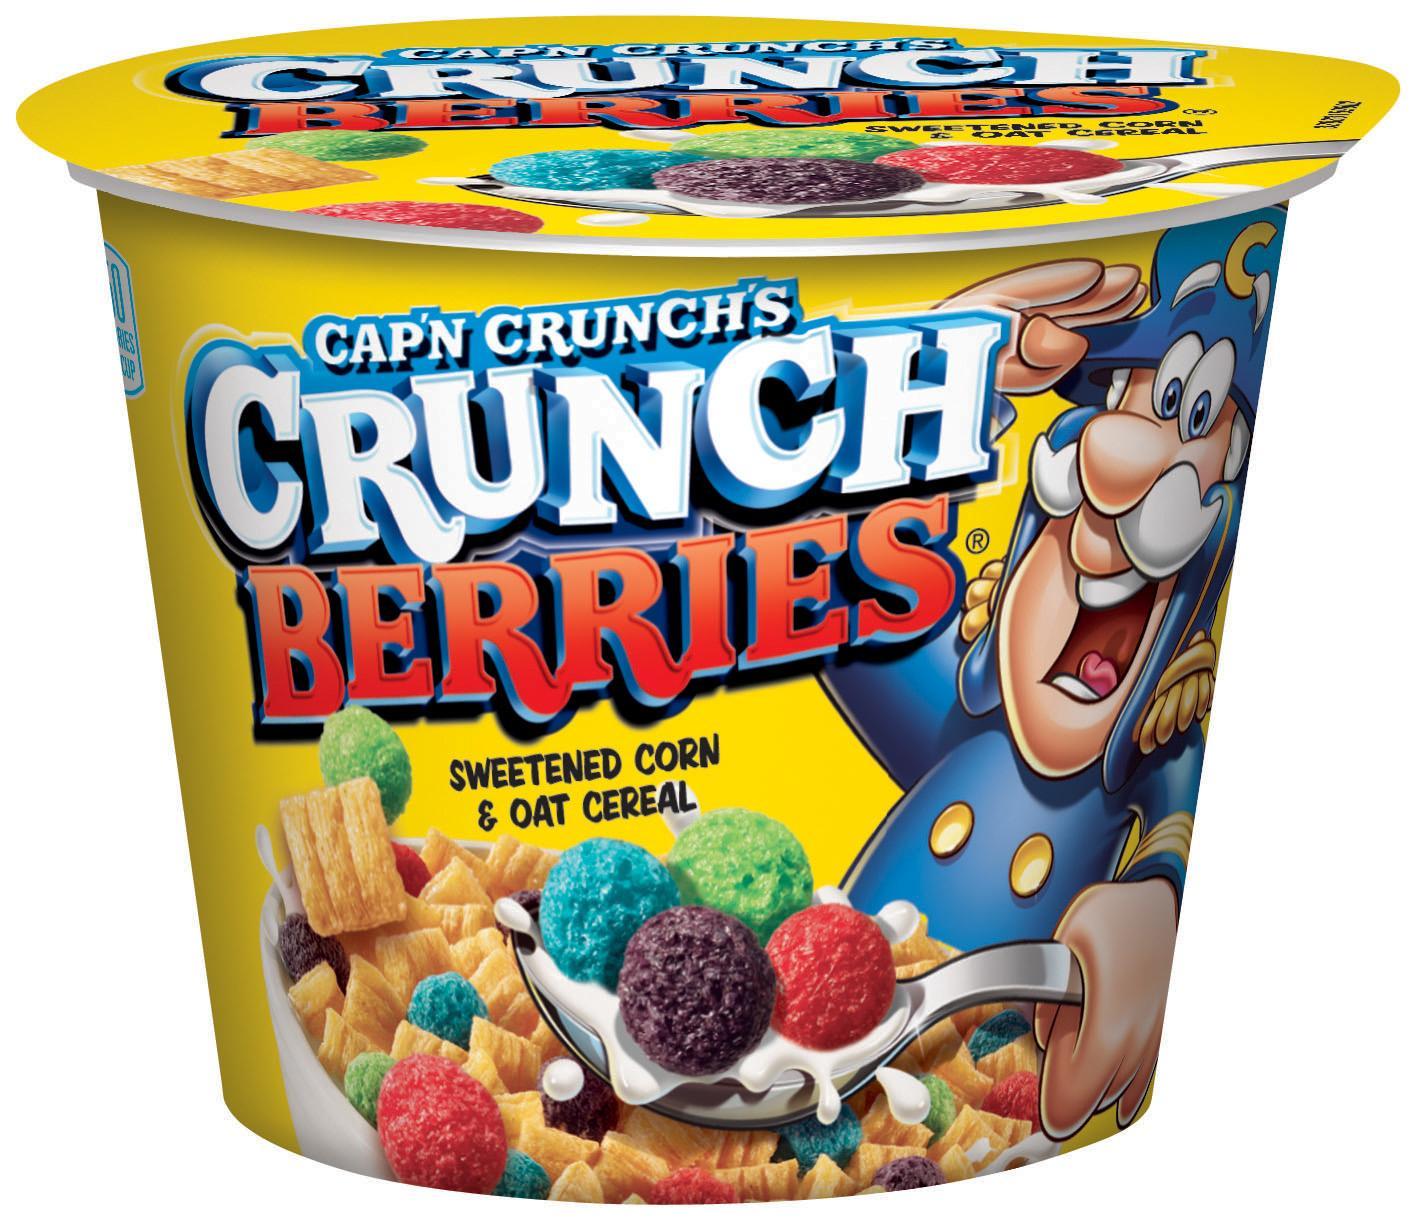 Amazon.com: Cap'n Crunch Breakfast Cereal, Crunch Berries